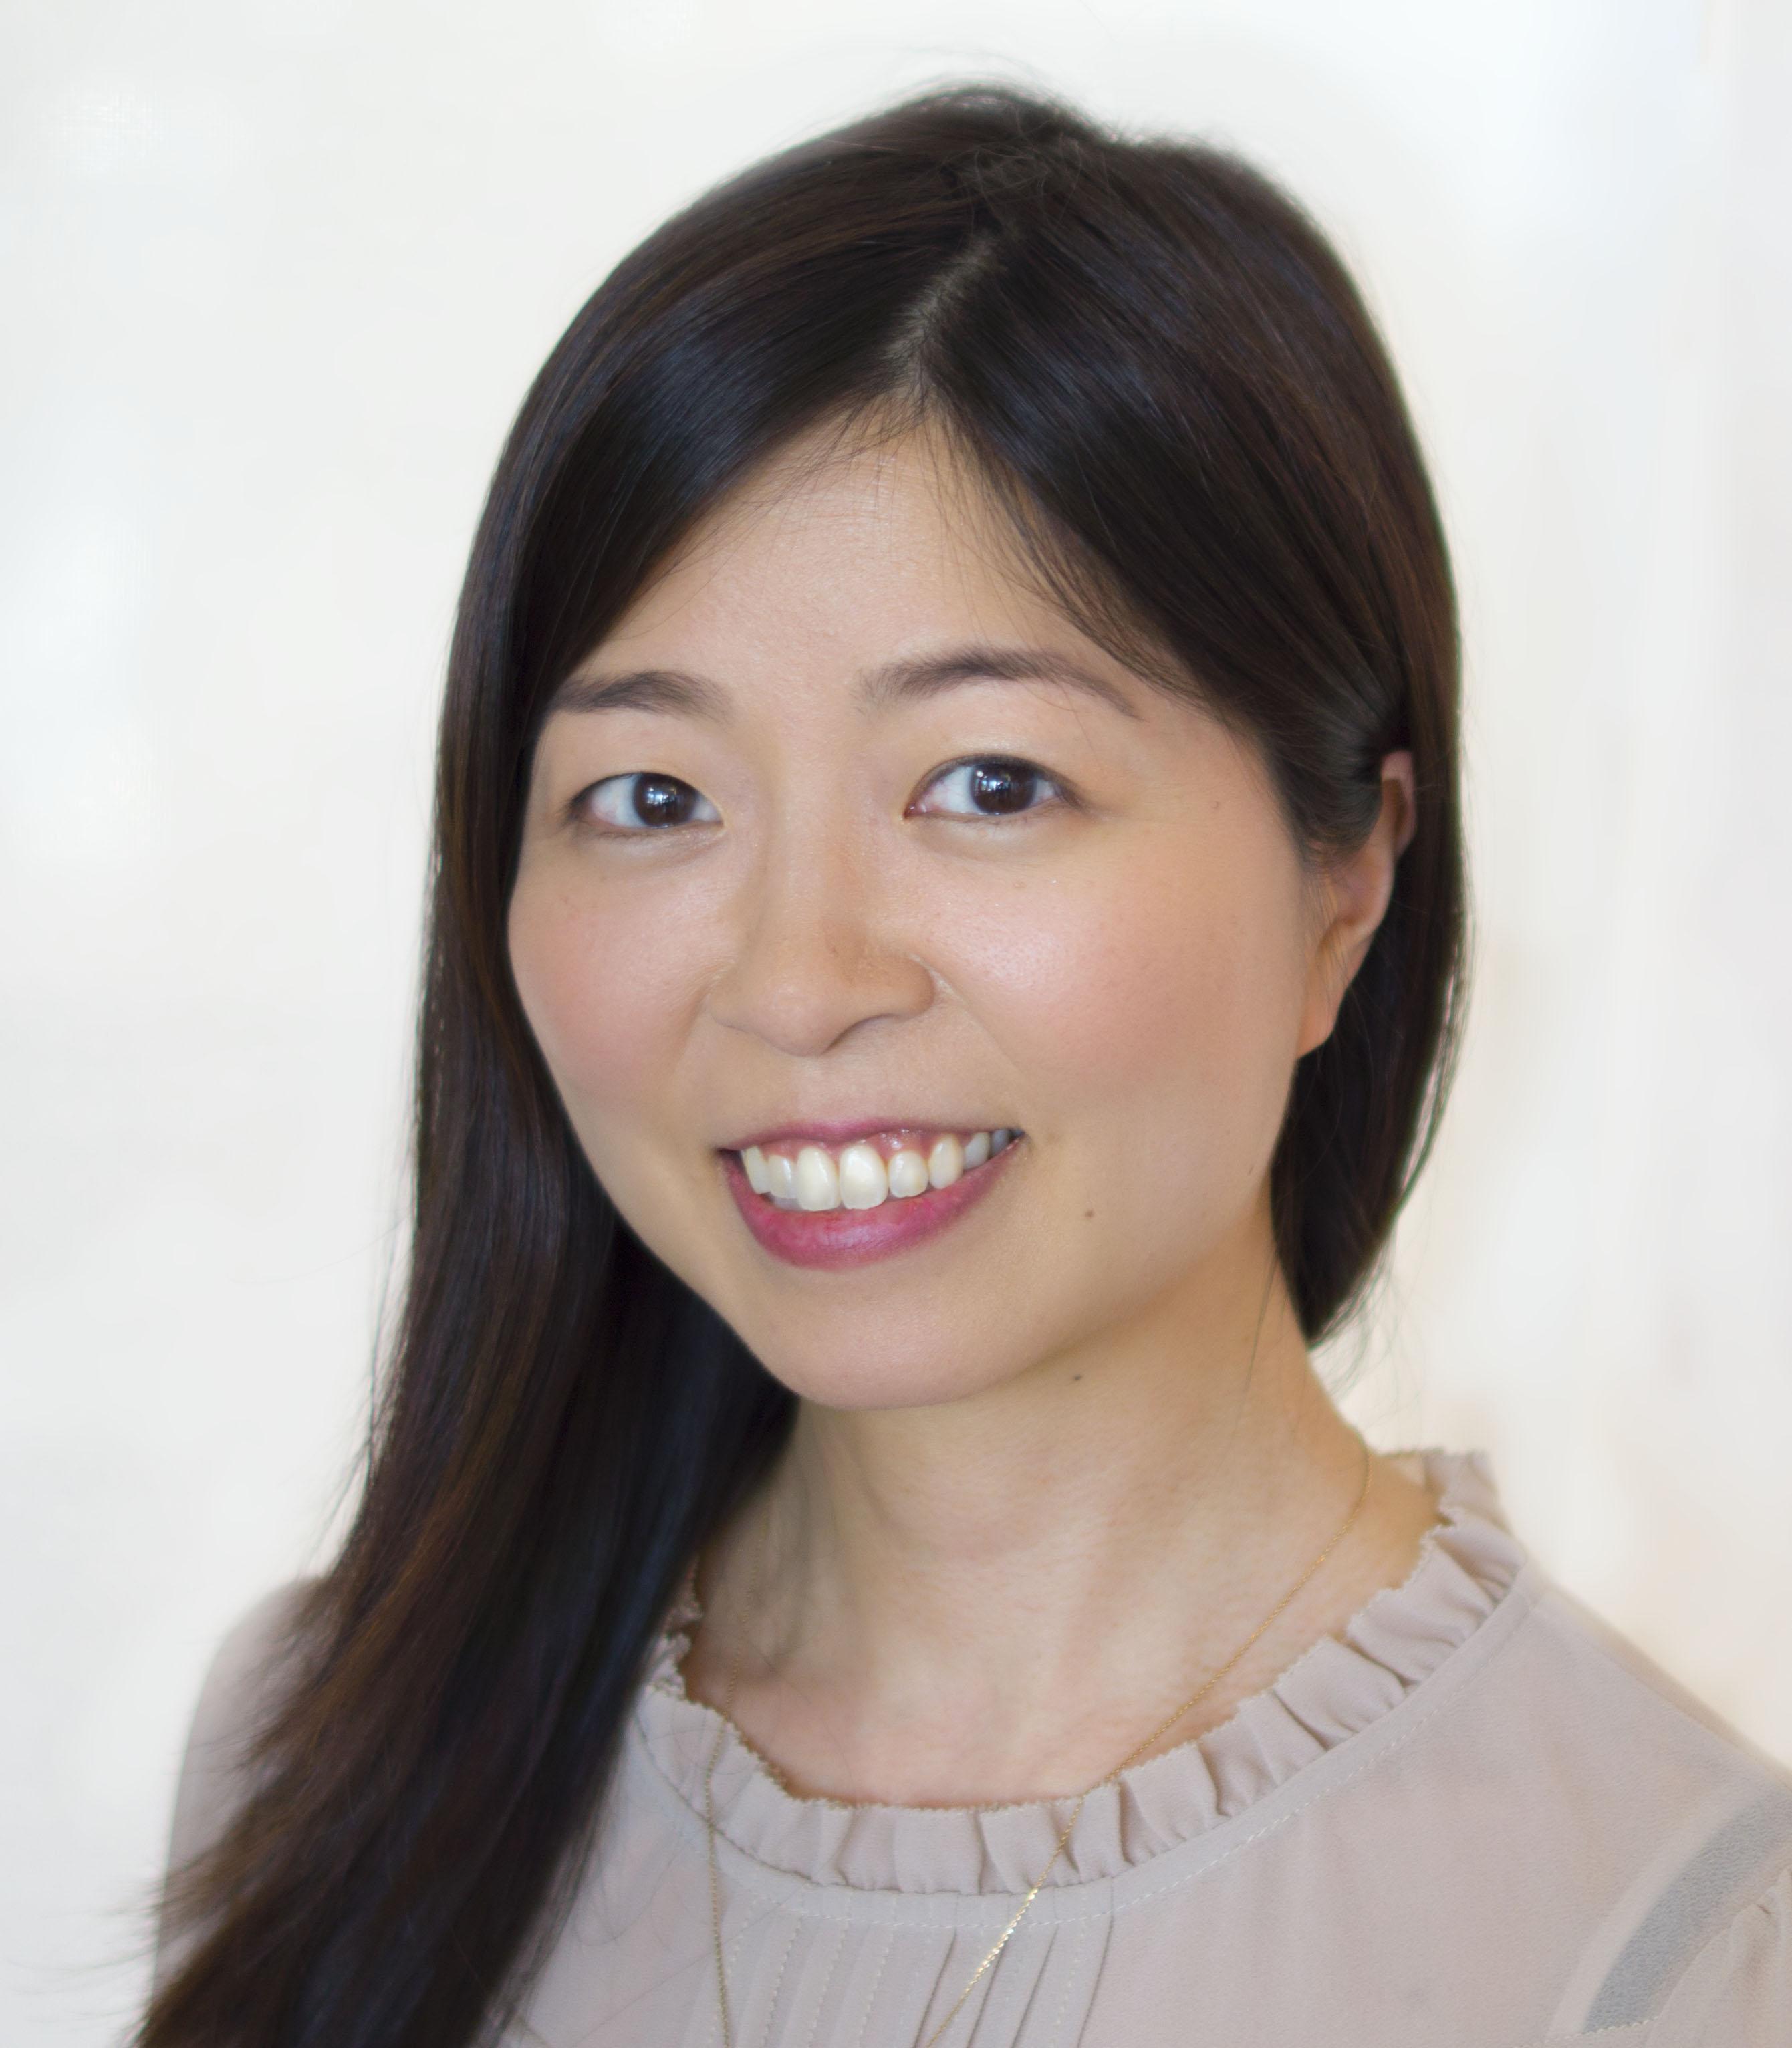 Keiko Evelyn Nakamura